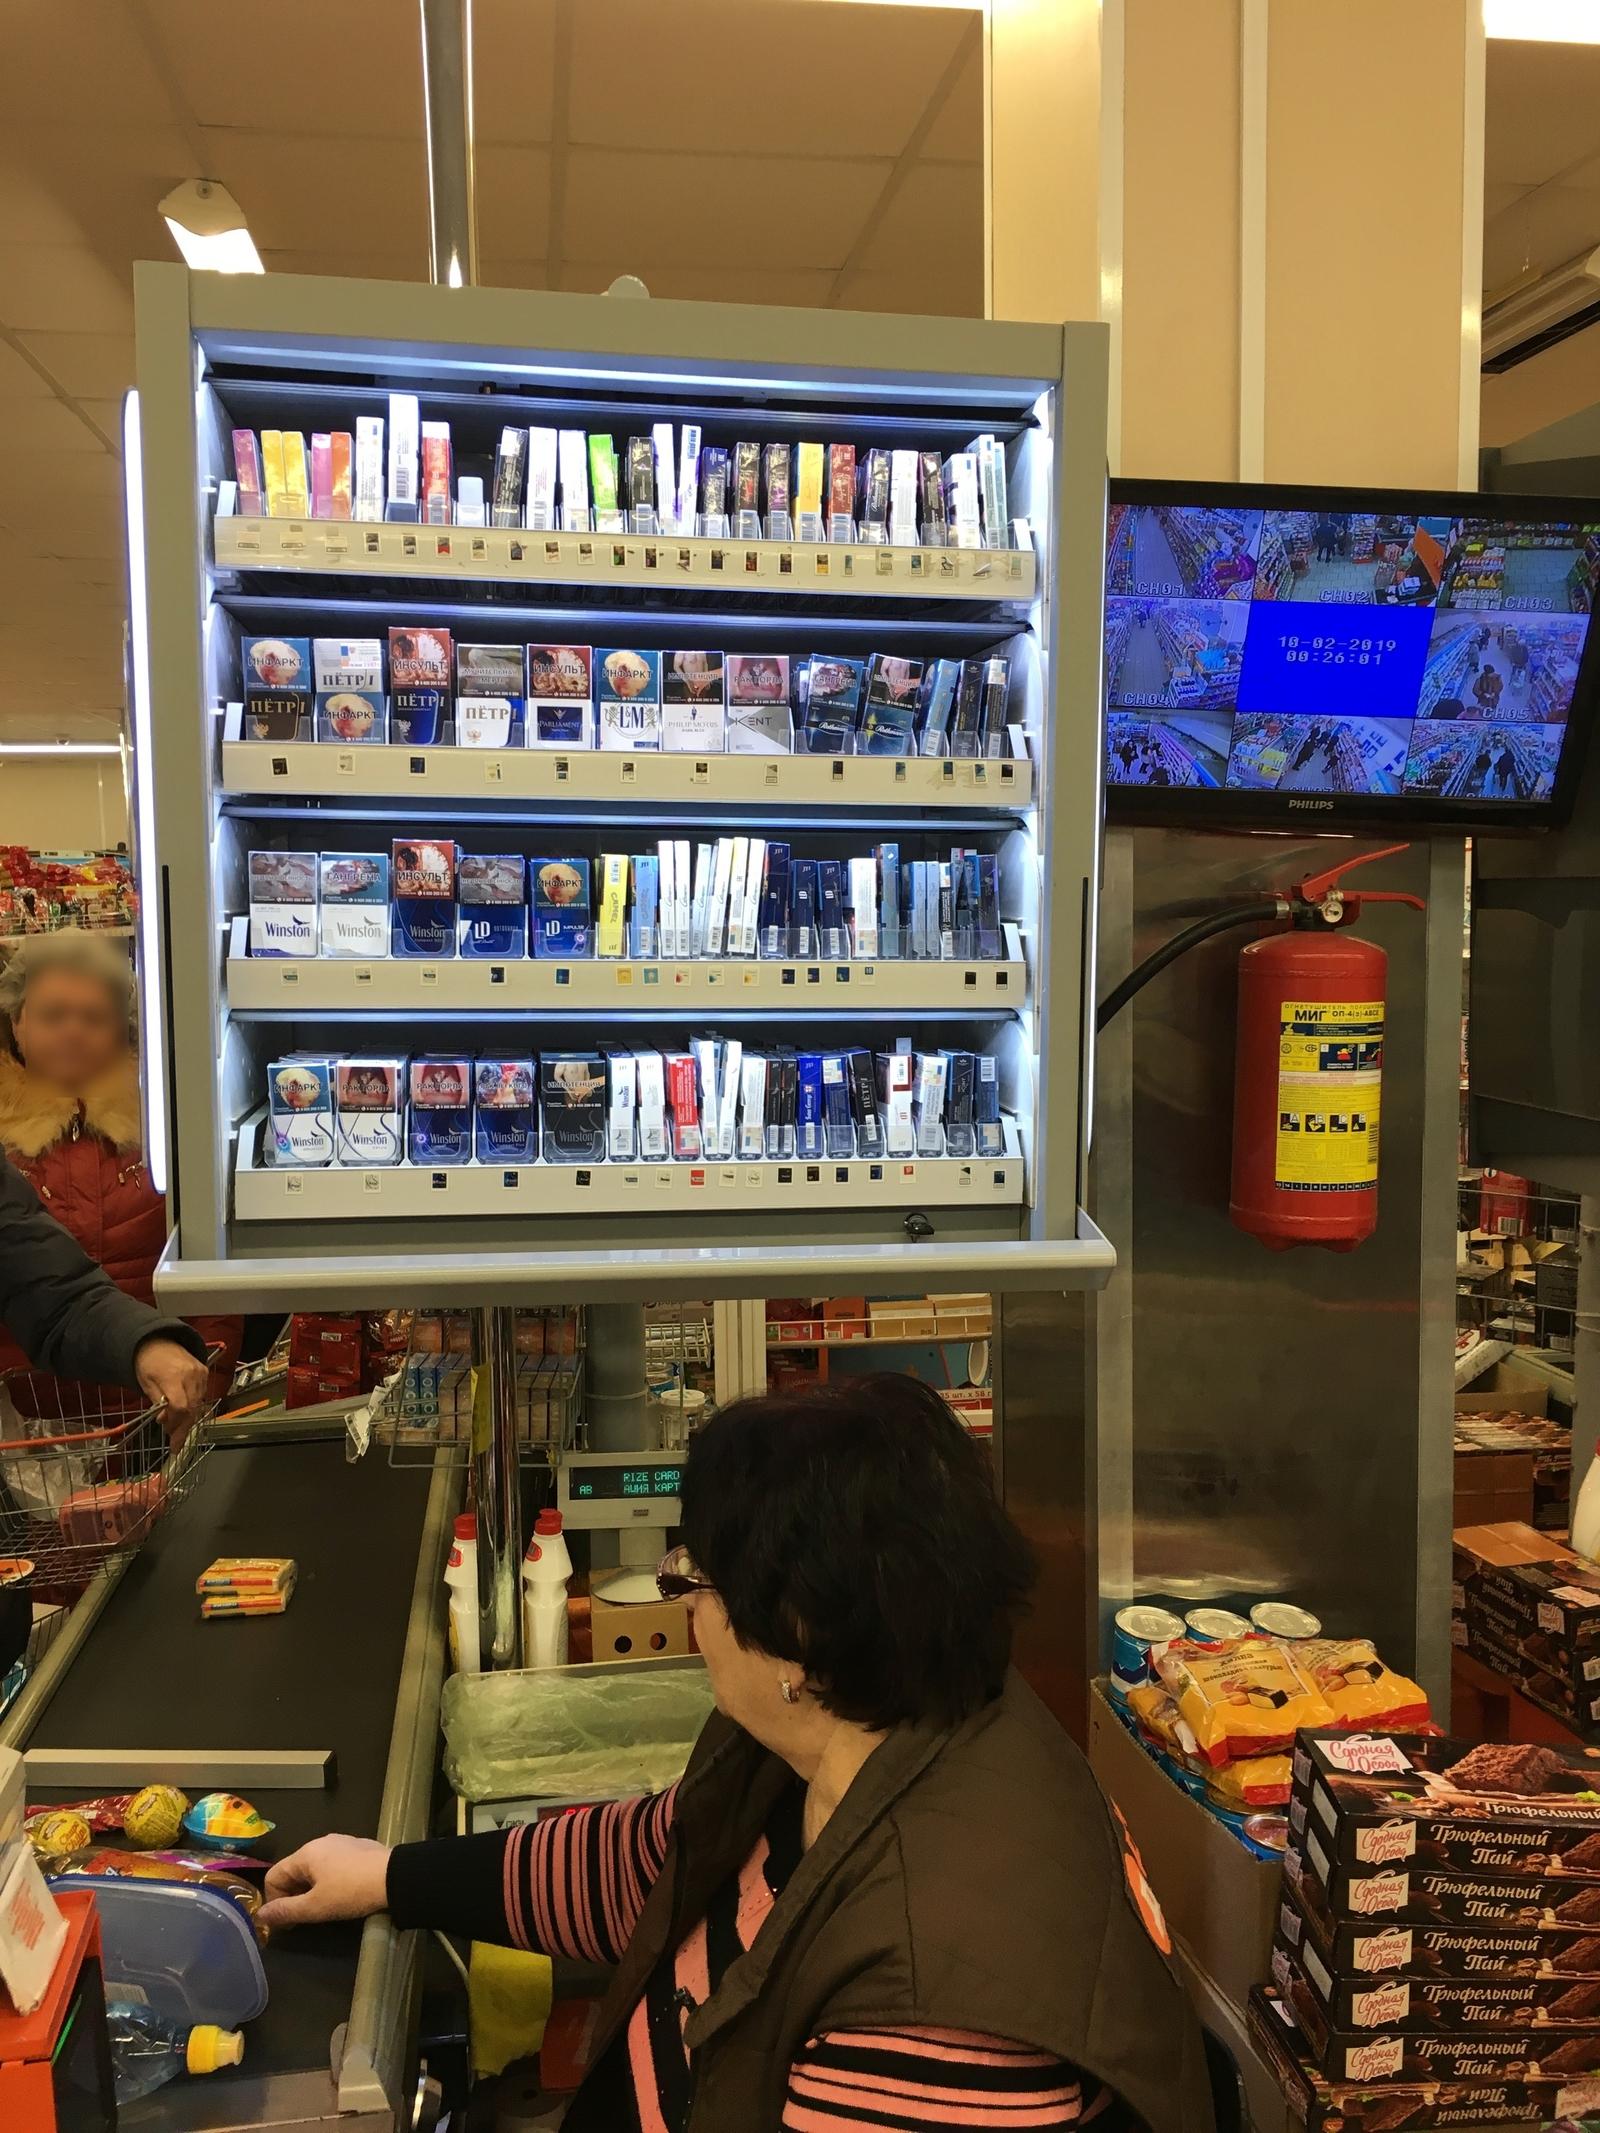 где можно купить сигареты в санкт петербурге магазин